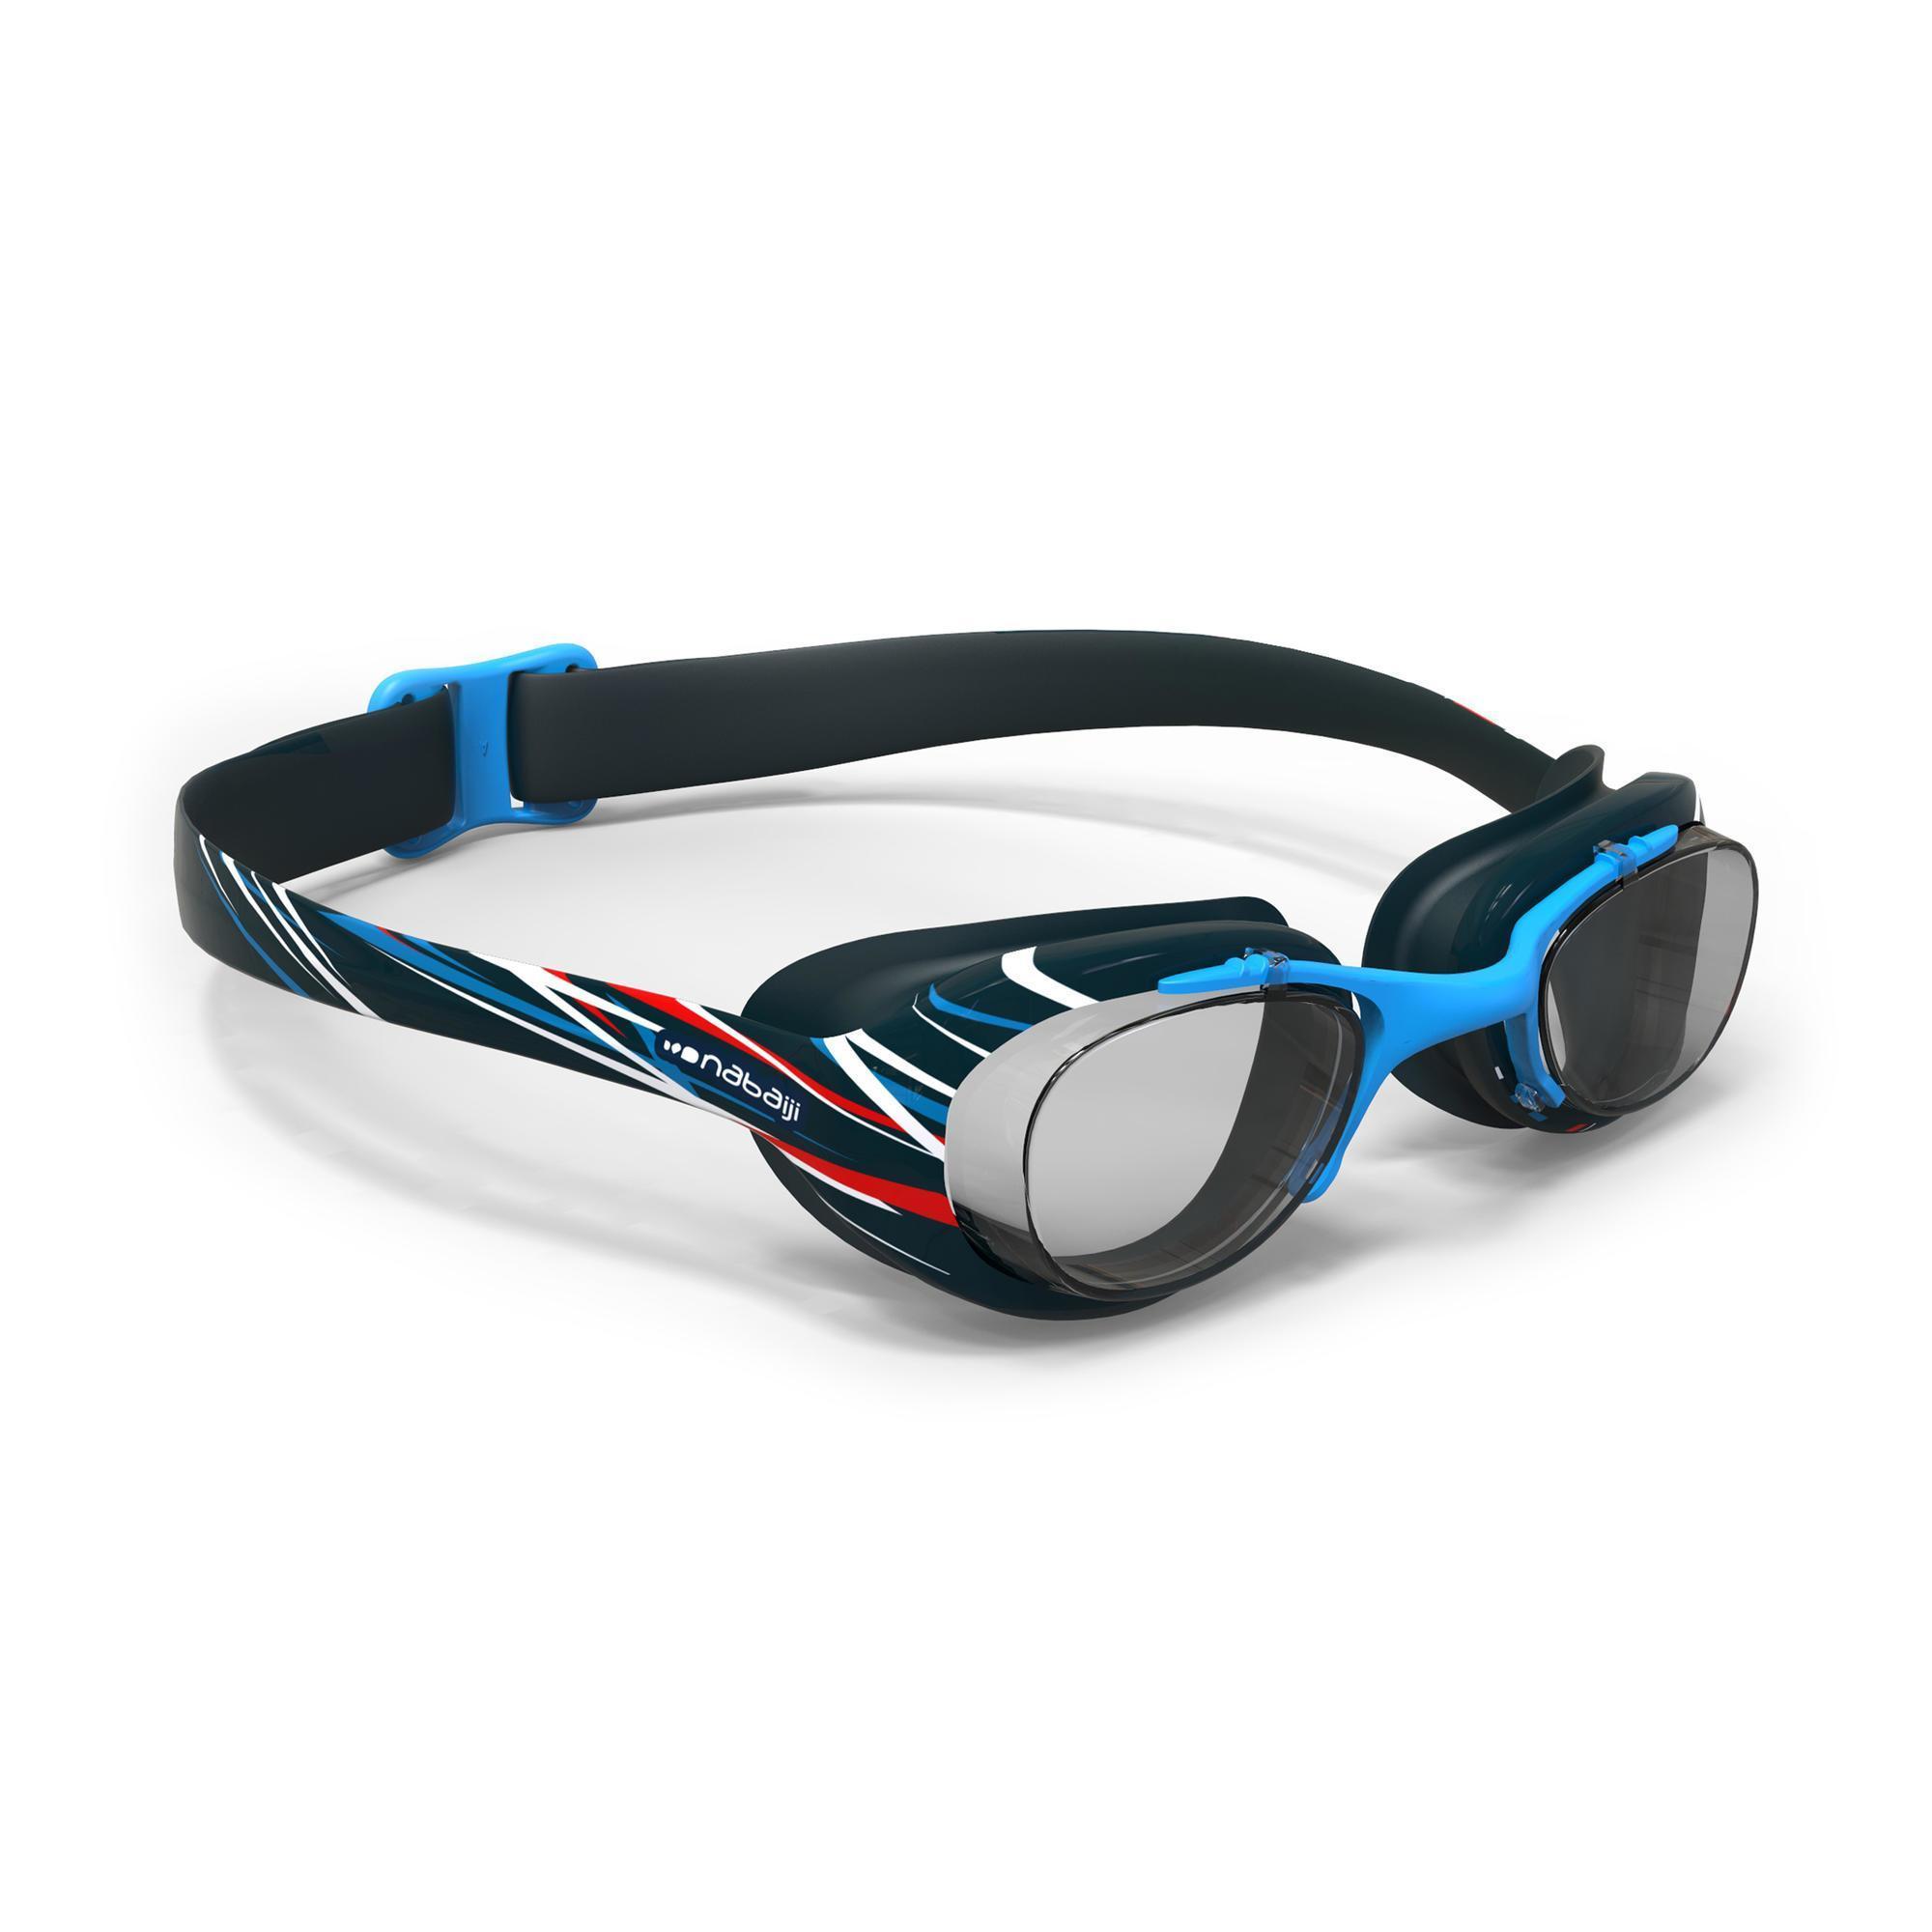 608dda04f Comprar Gafas de Natación Online | Decathlon